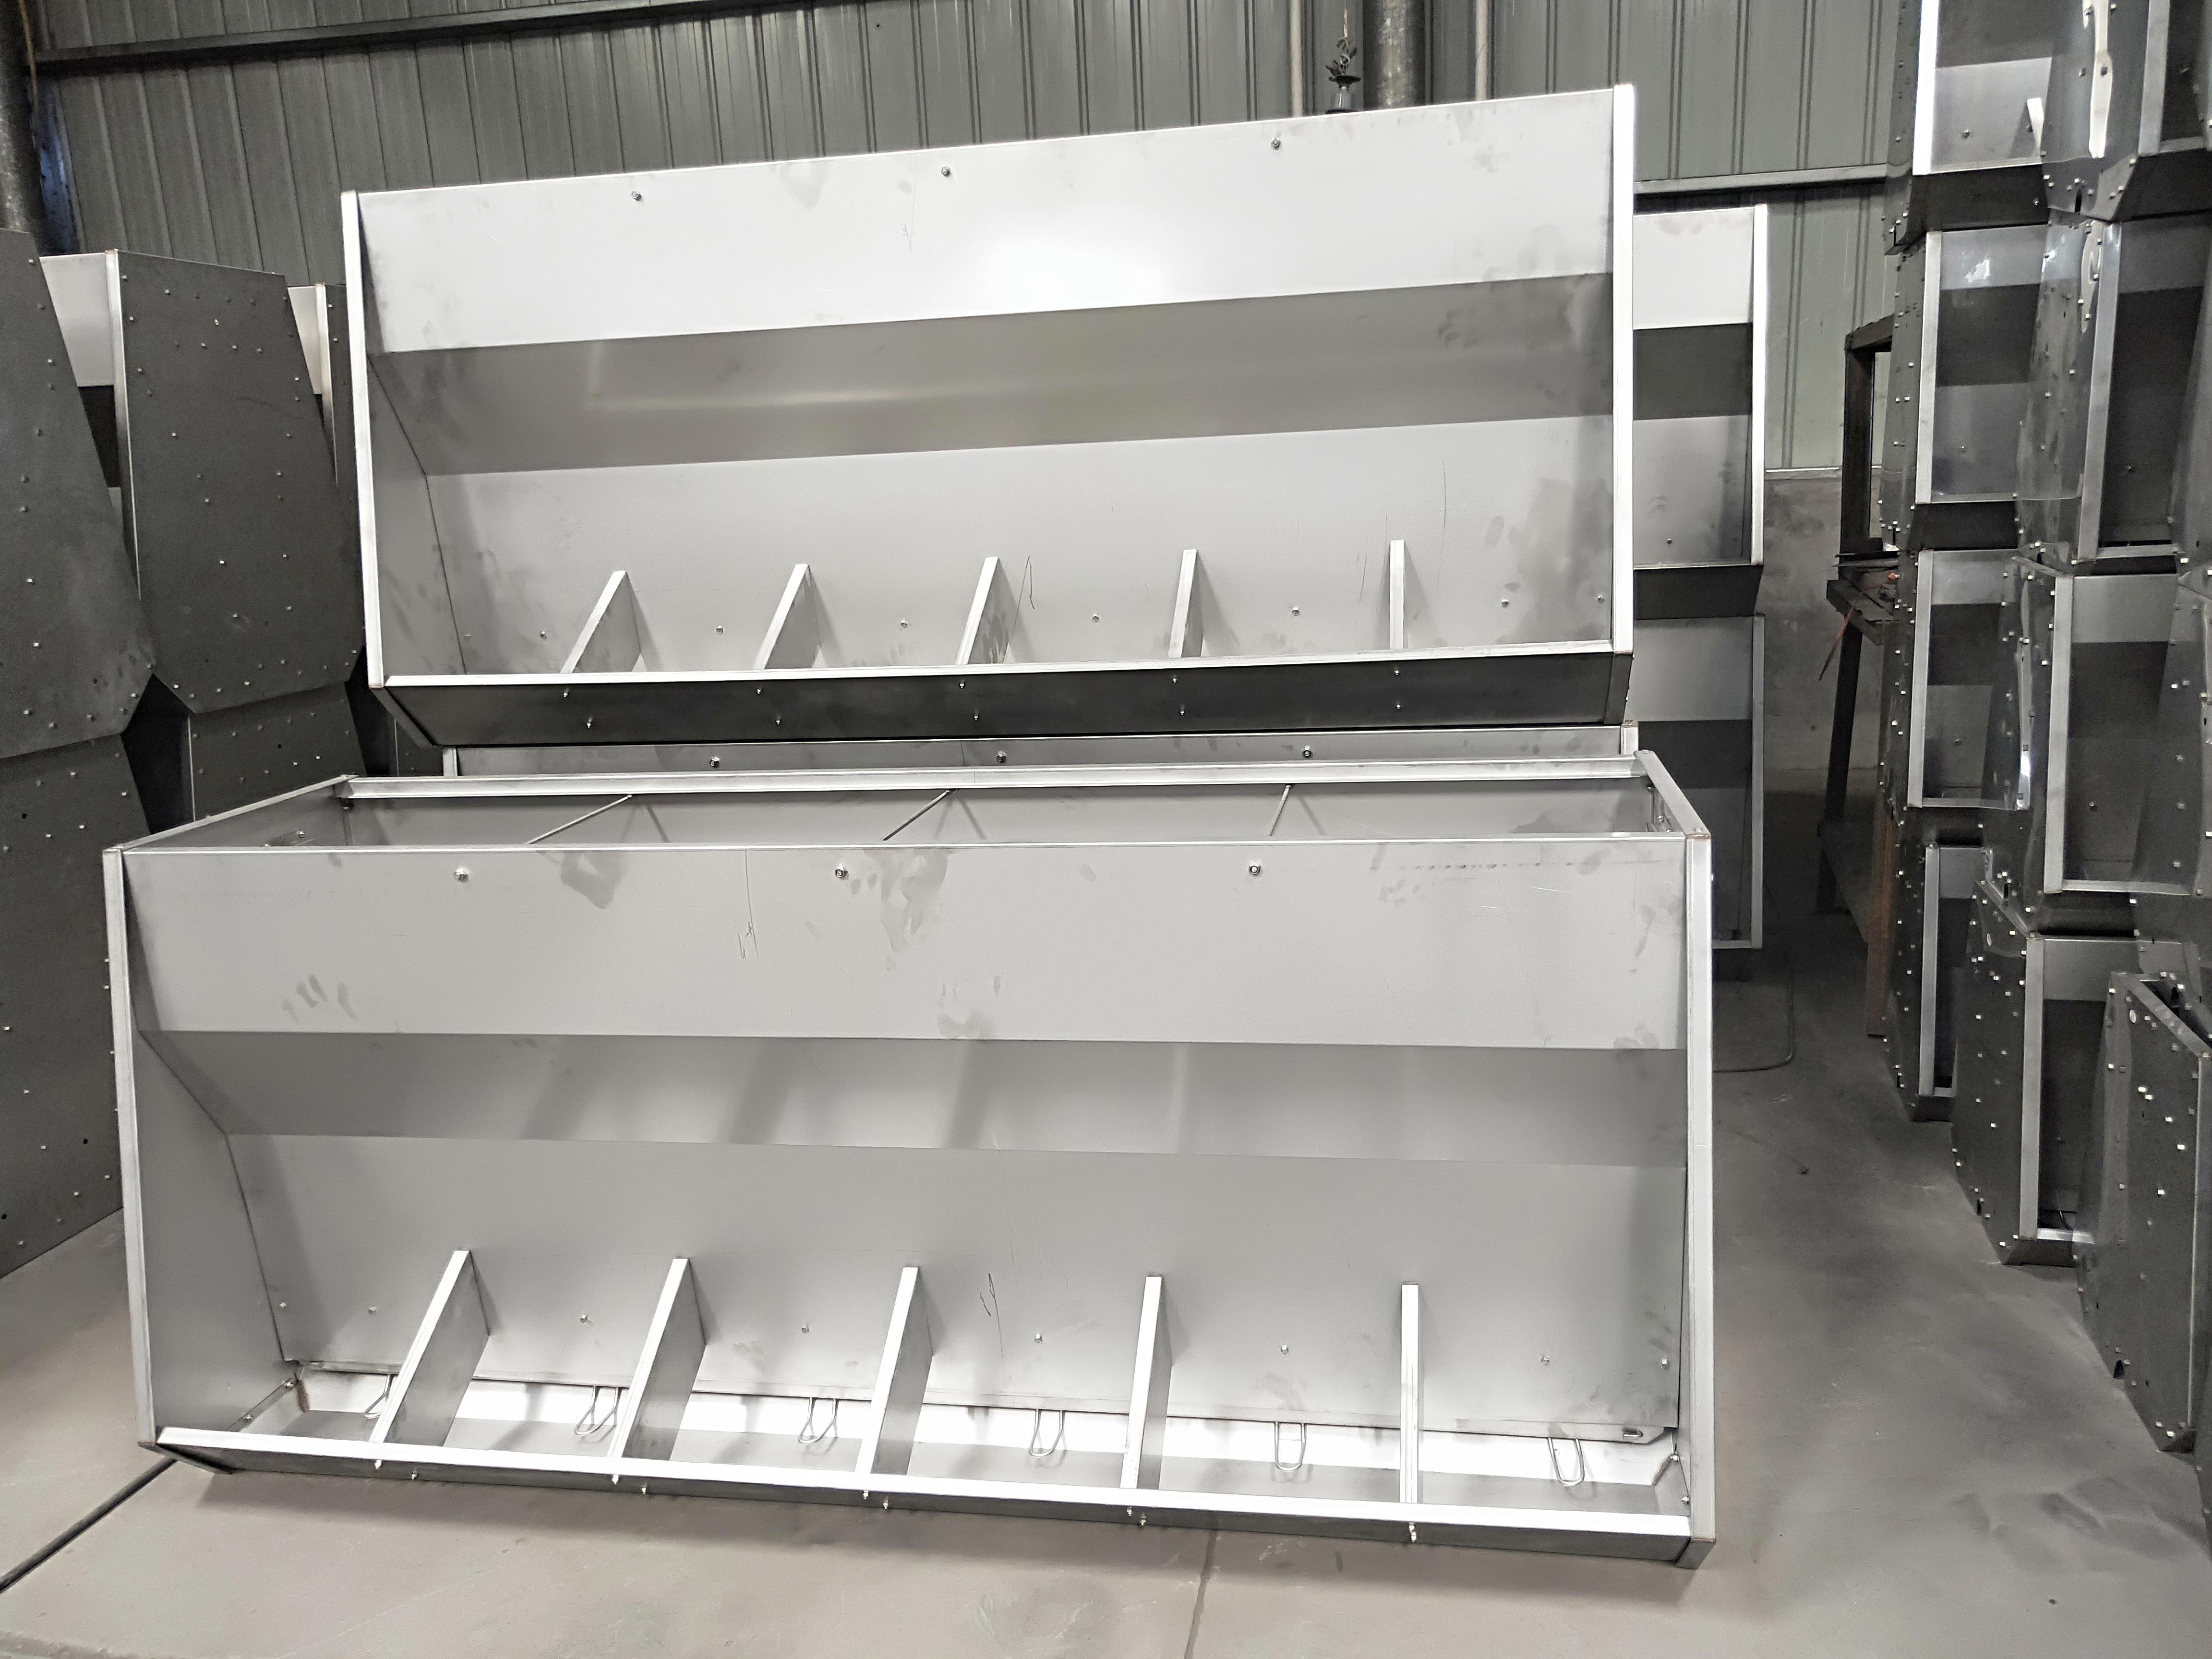 新乡市不锈钢双面料槽厂家批发-价格-报价-供应商